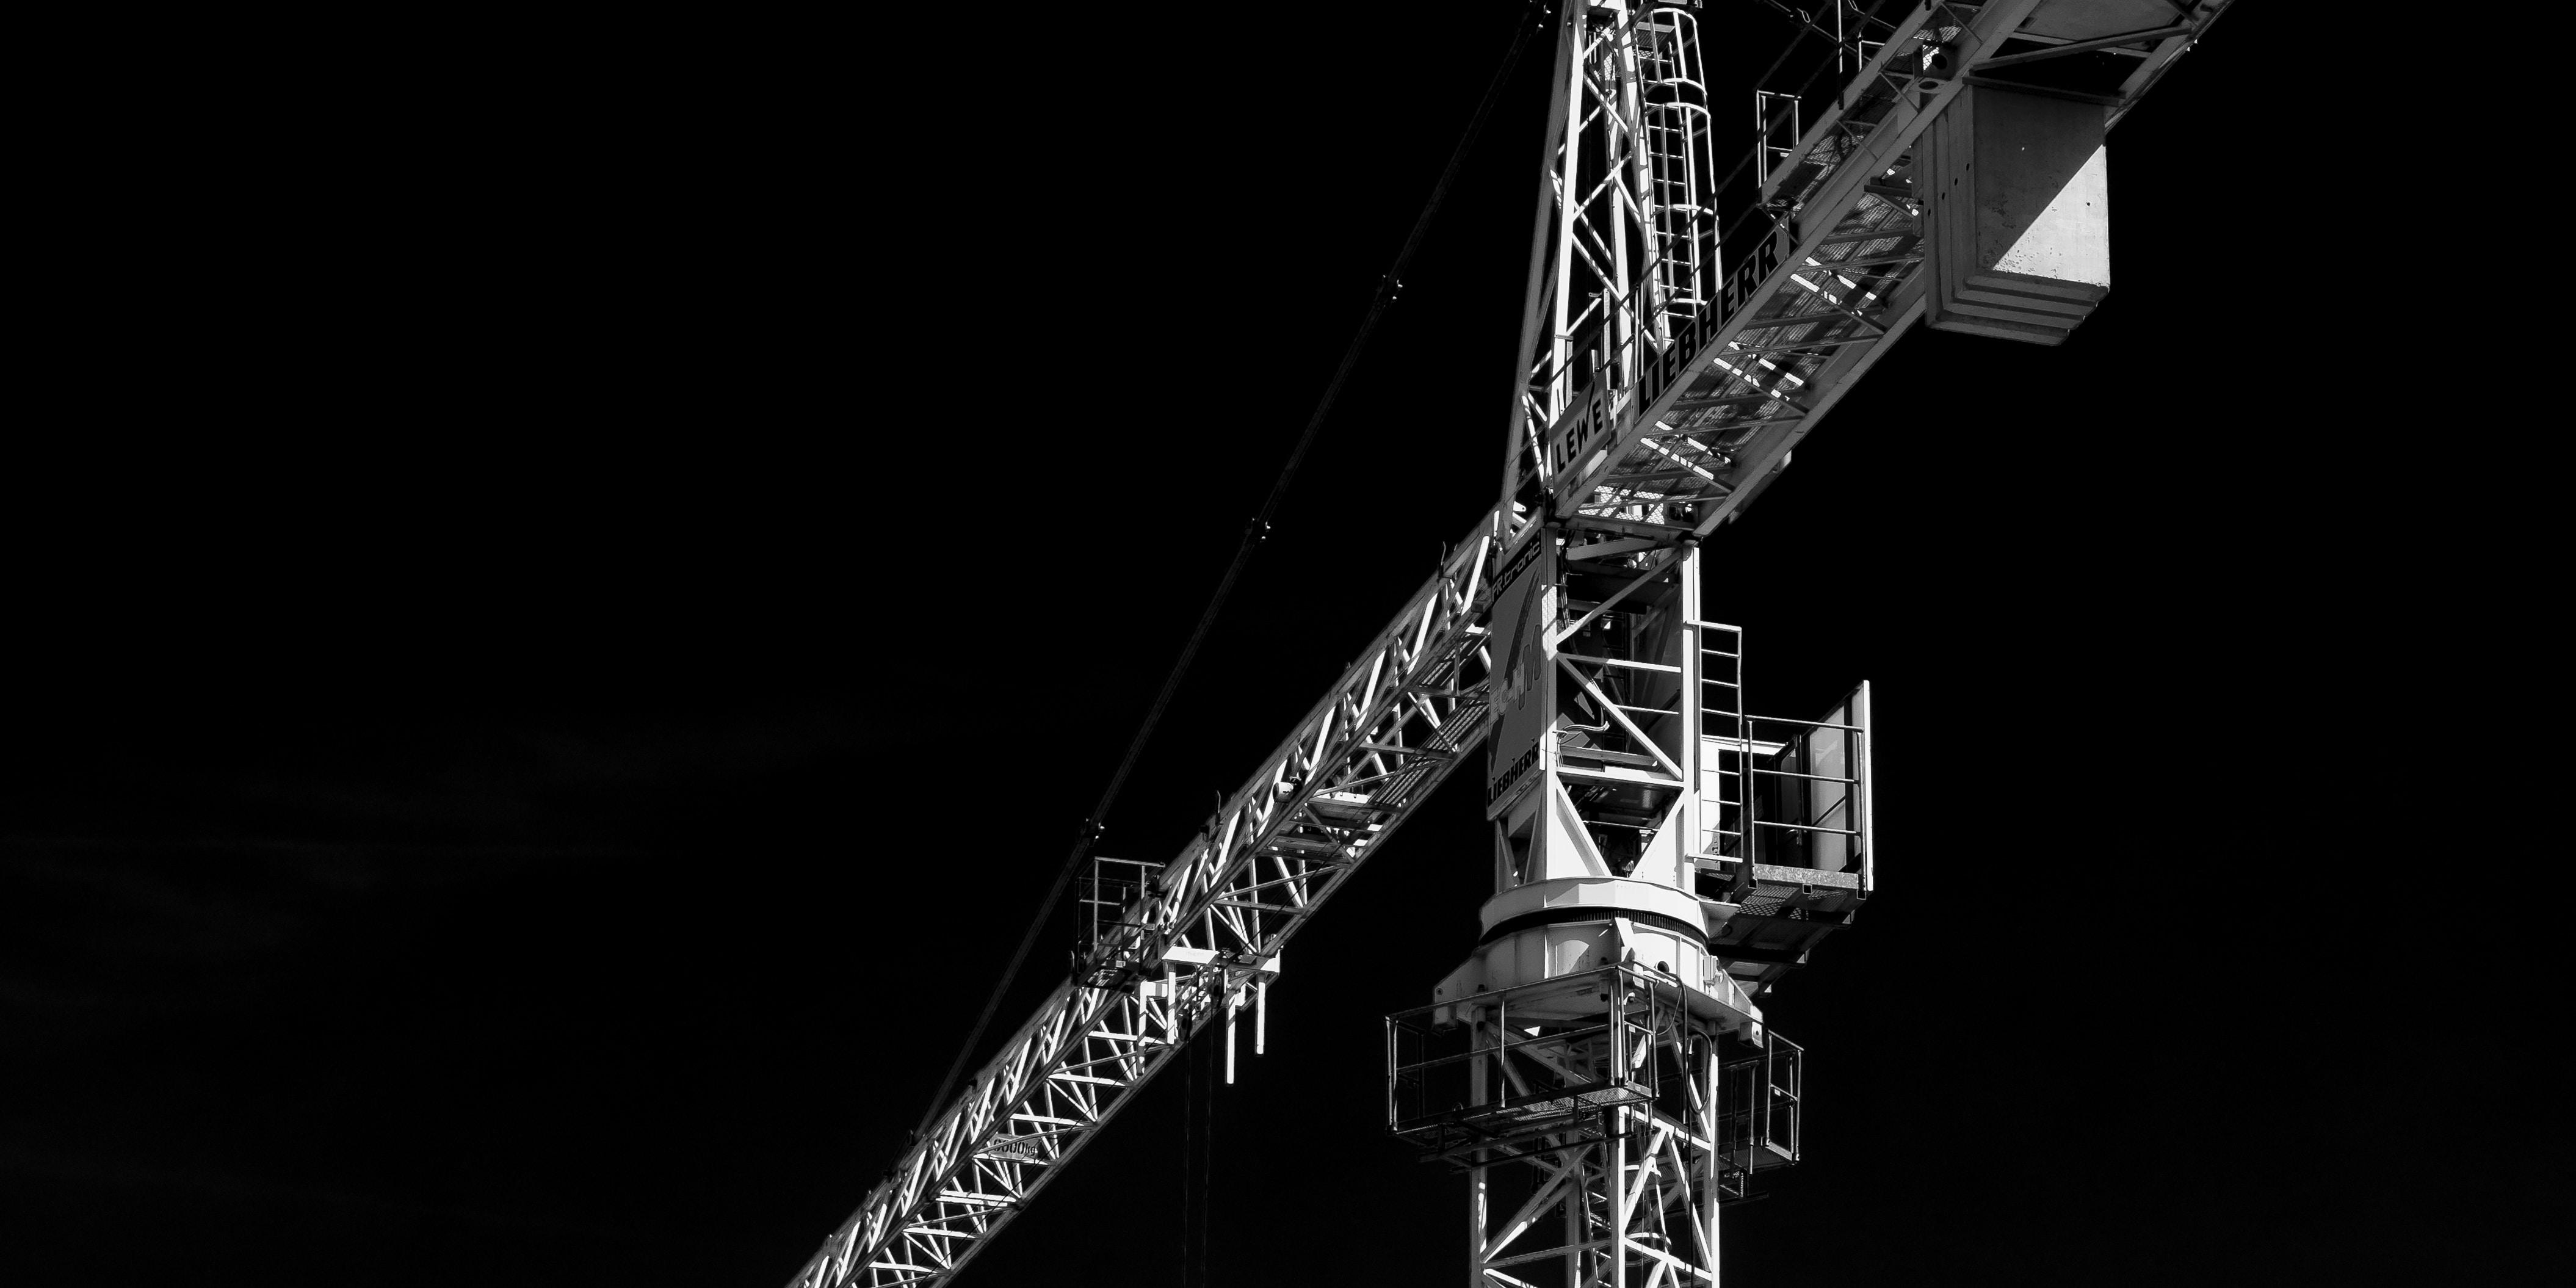 Construction site cranes form a T against a black sky